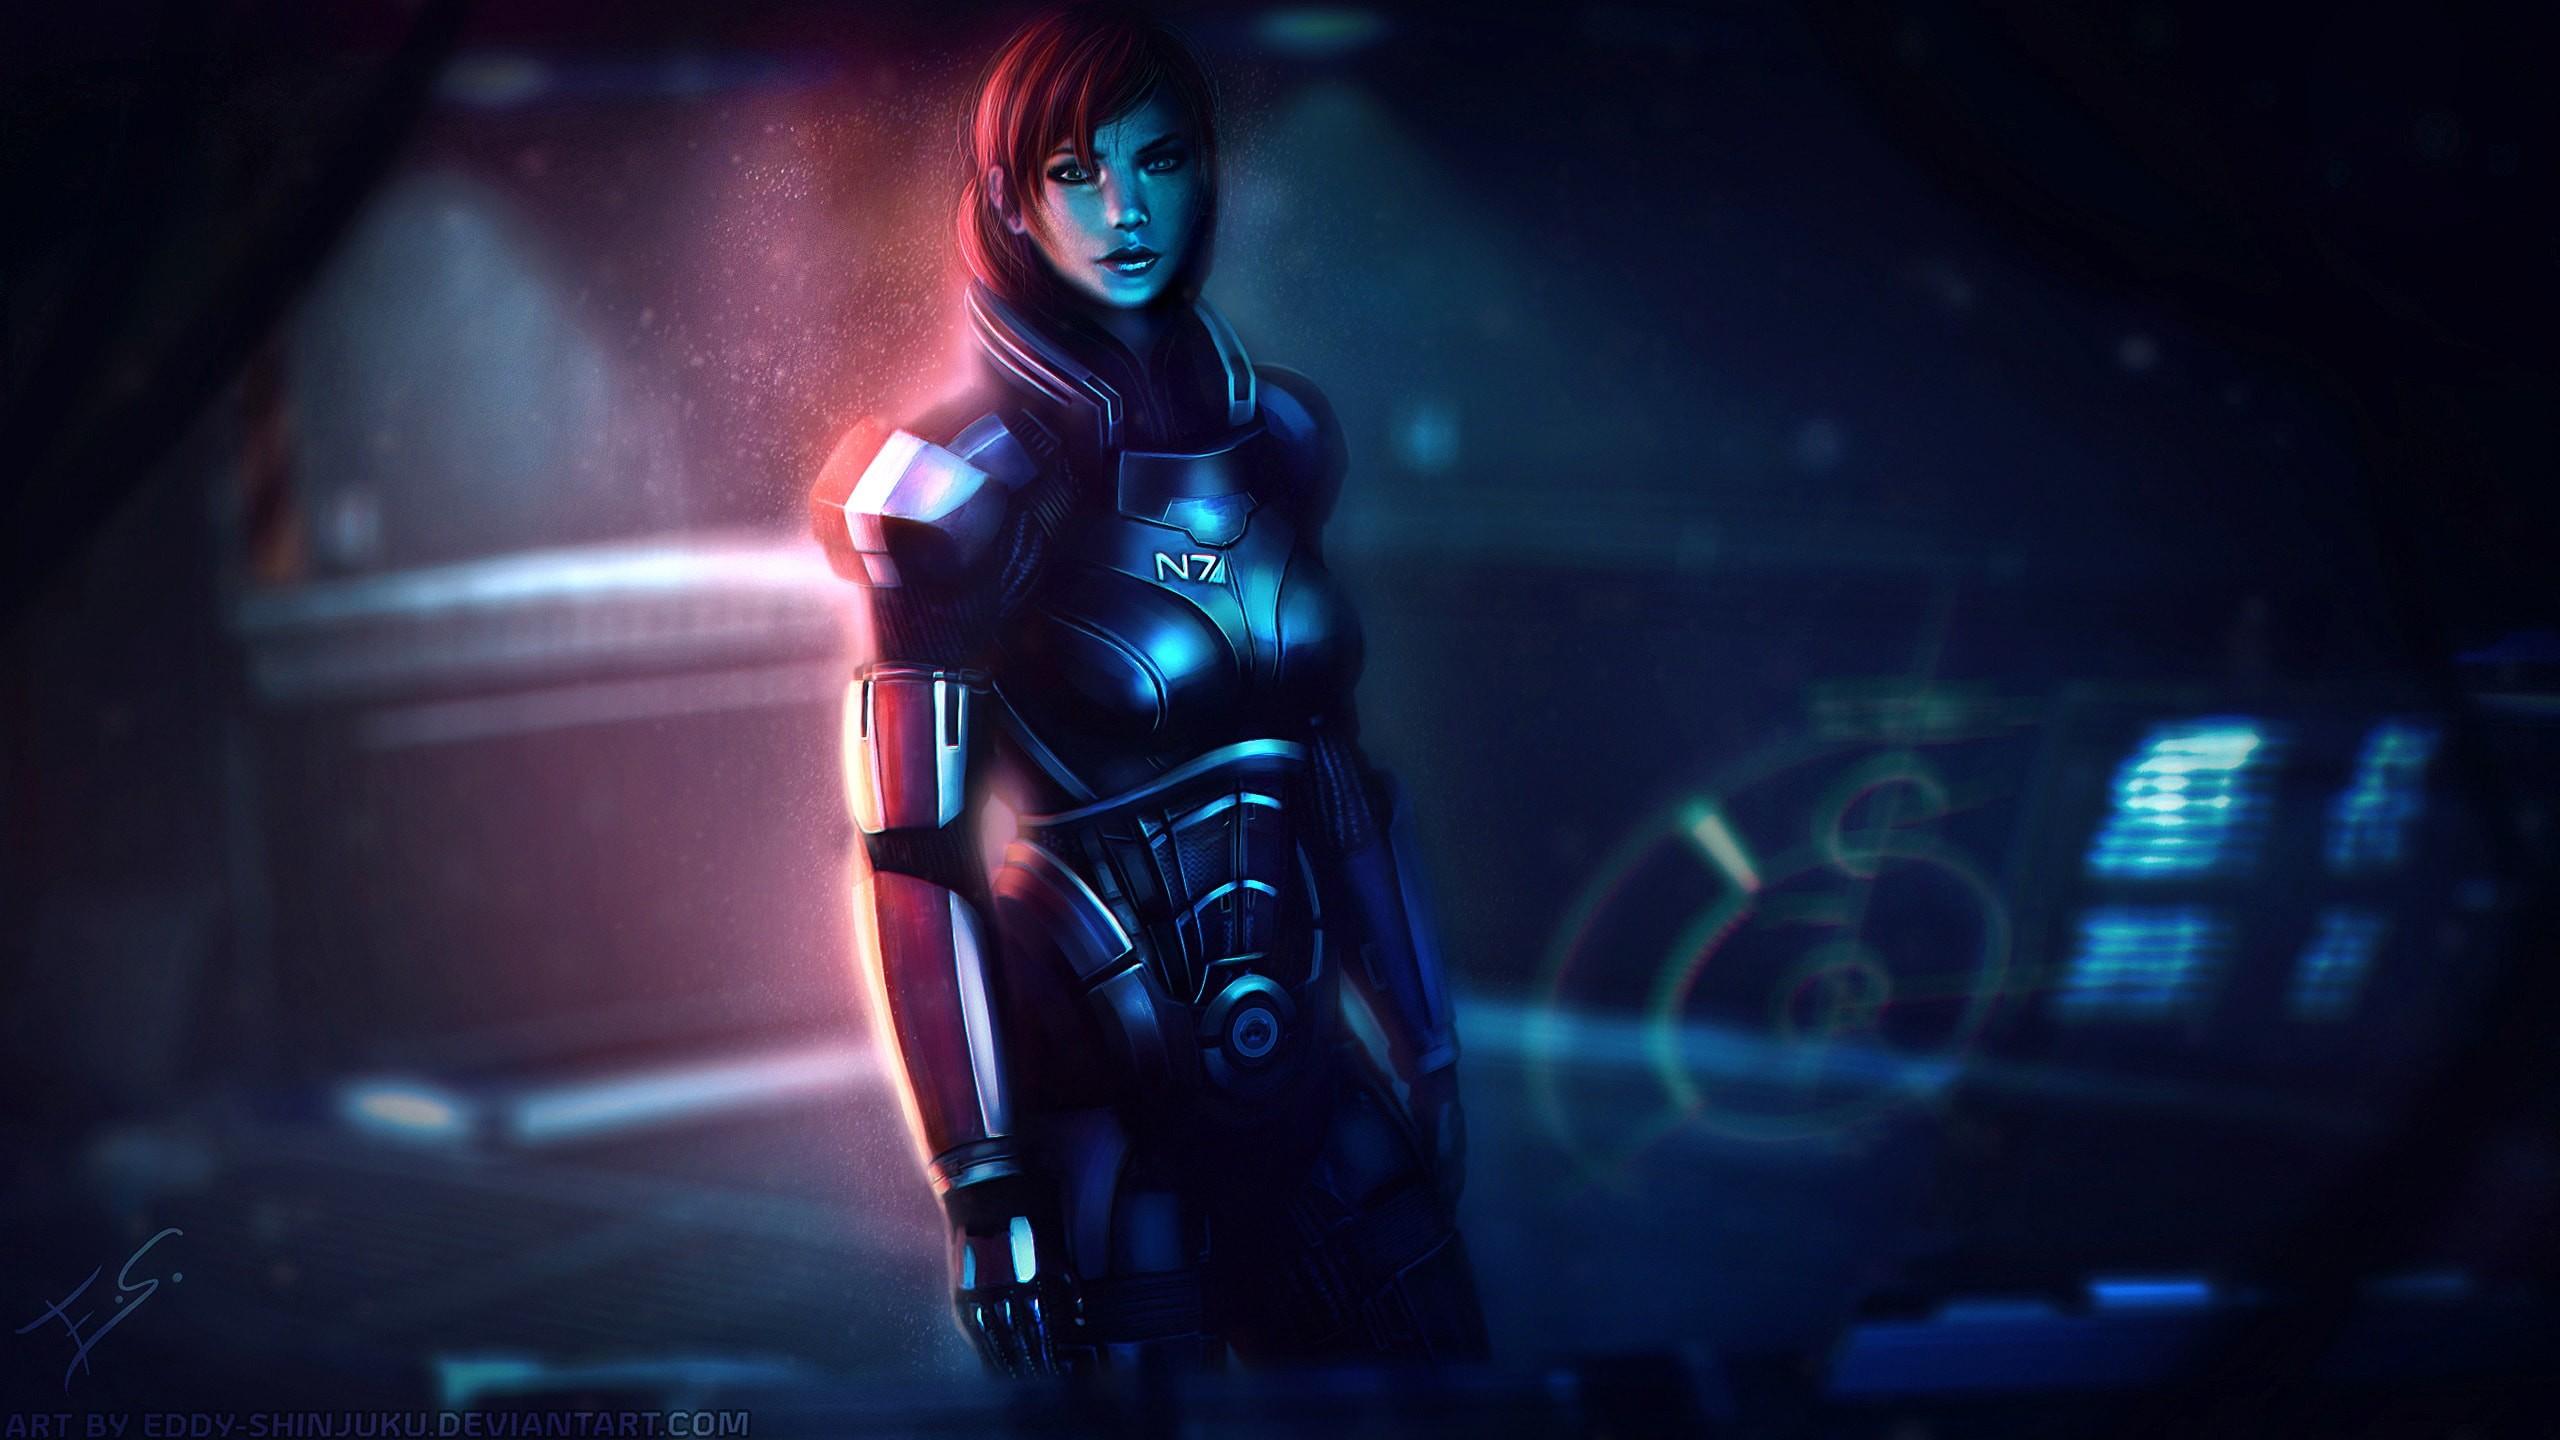 Res: 2560x1440, N7 Mass Effect Girl hd wallpaper